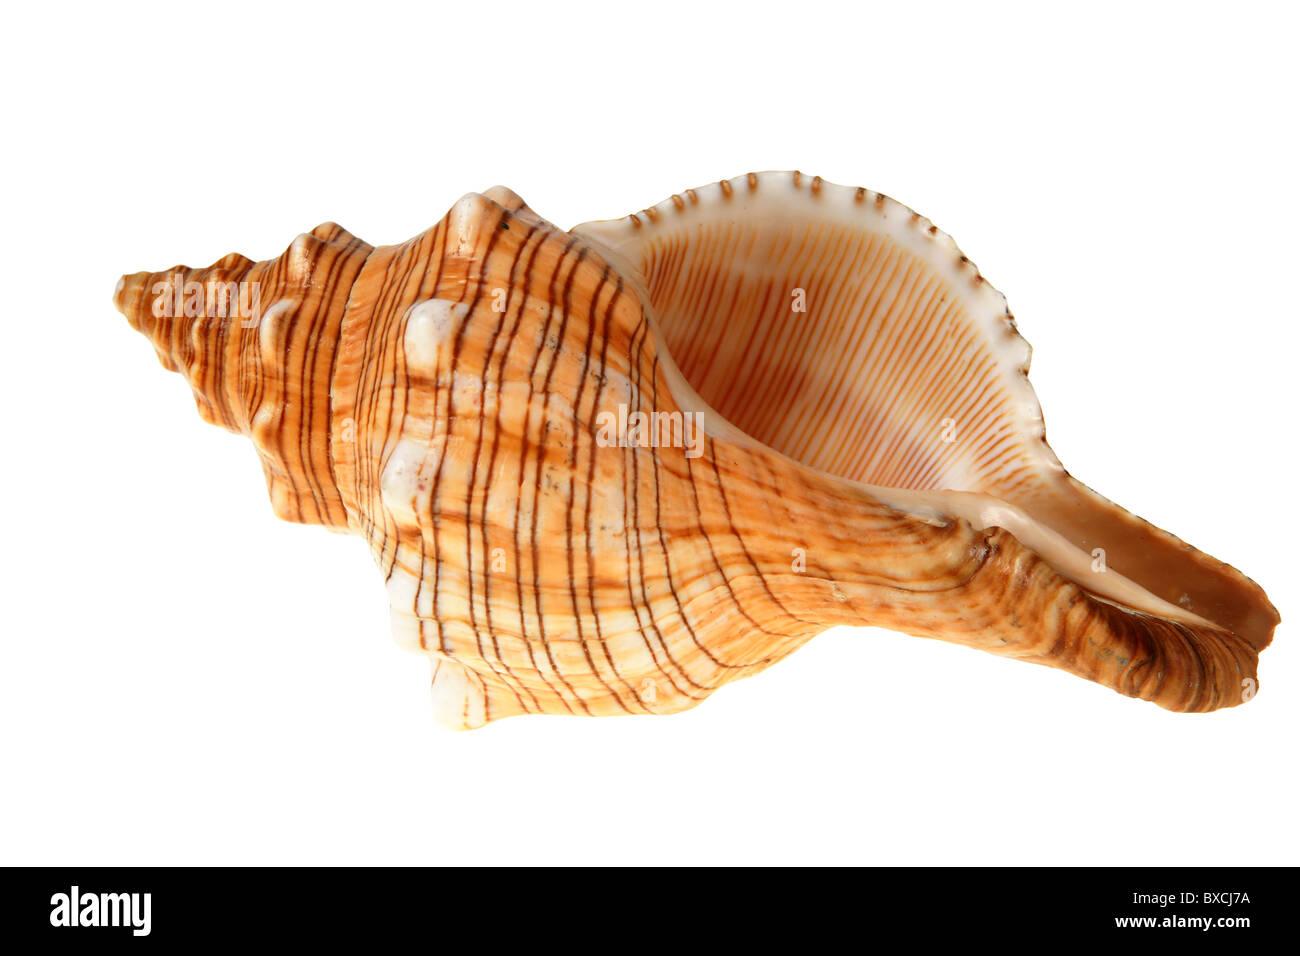 Concha grande de slug aislado en blanco (con trazado de recorte) Imagen De Stock